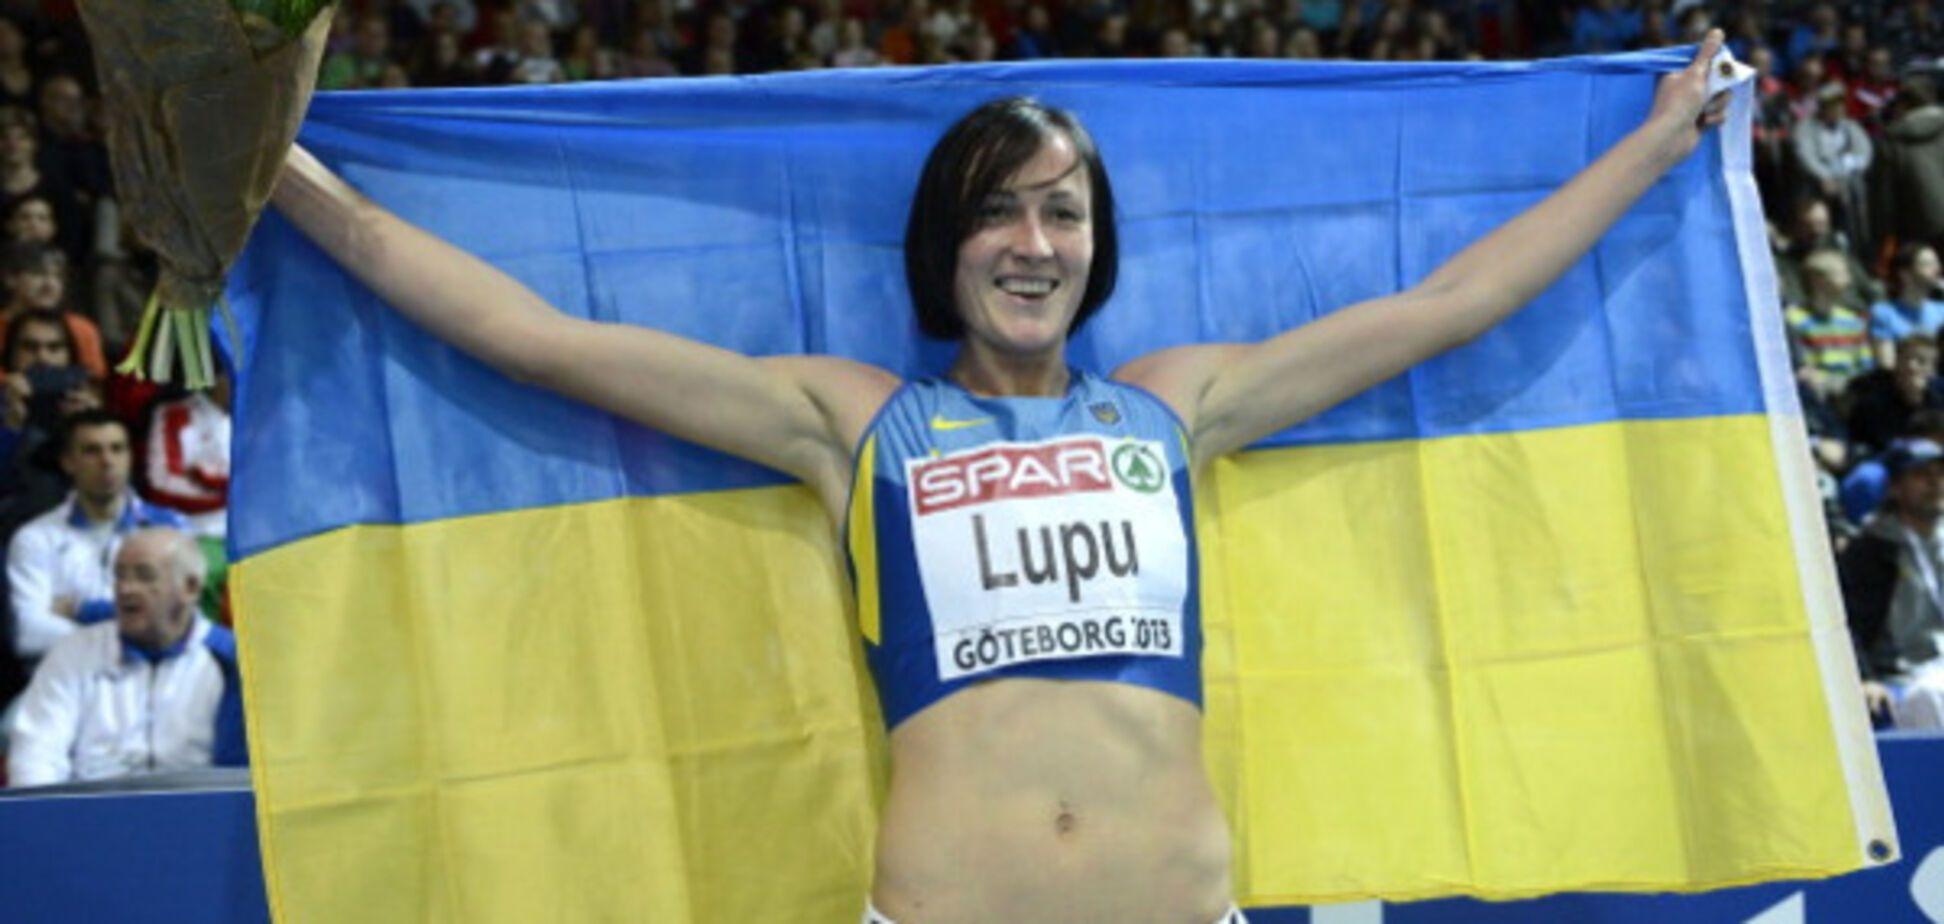 Наталя Лупу